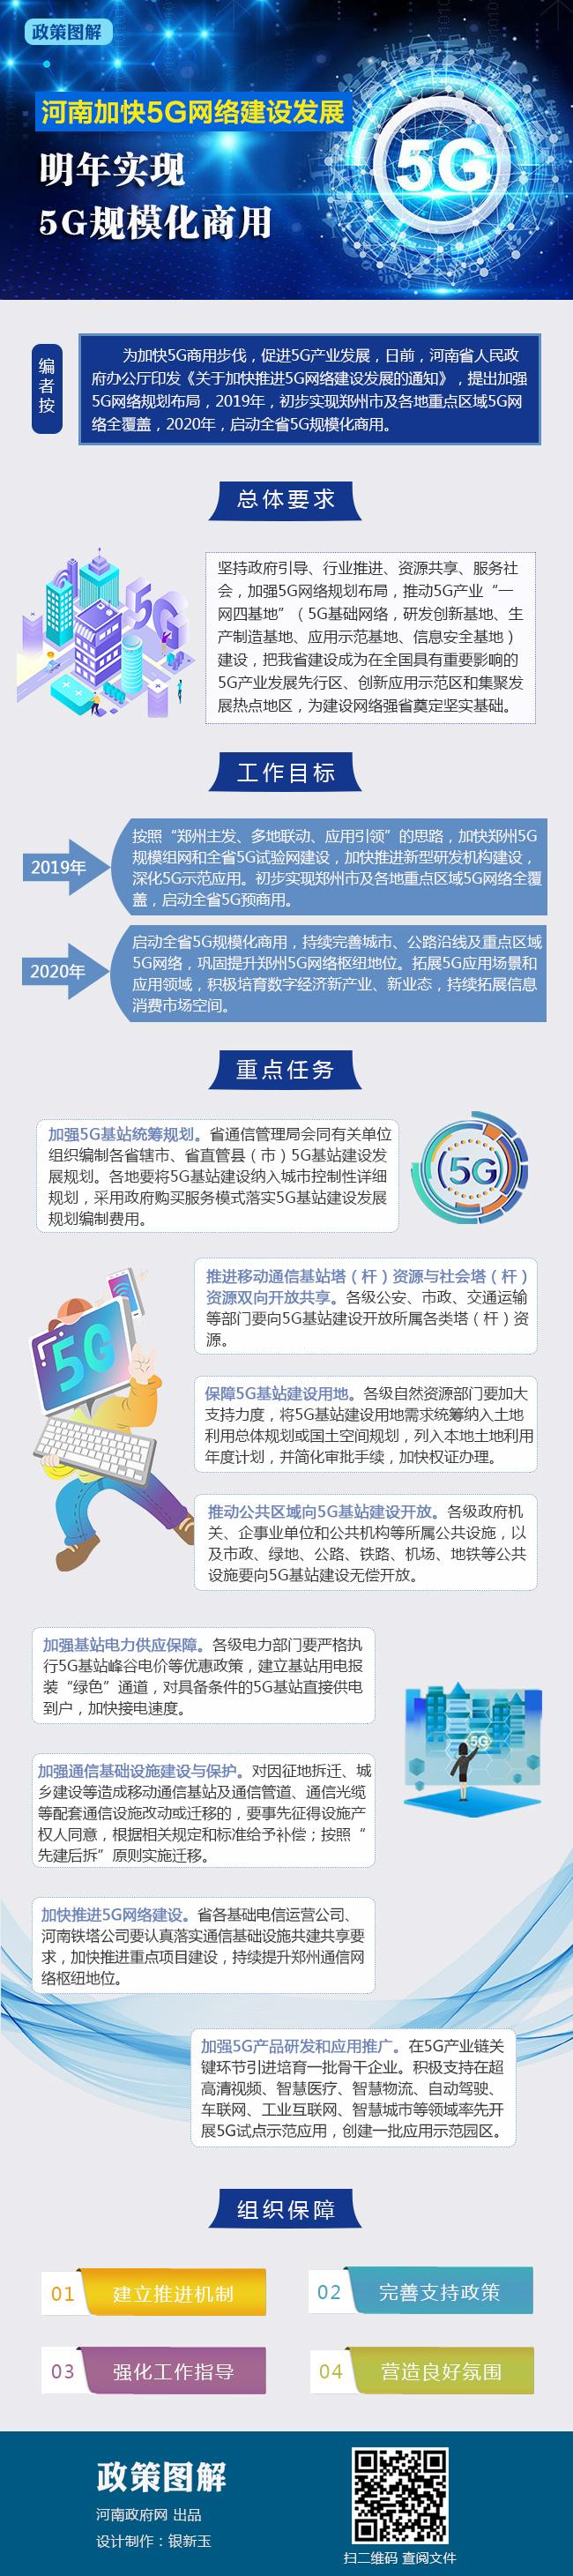 5G网络建设.jpg